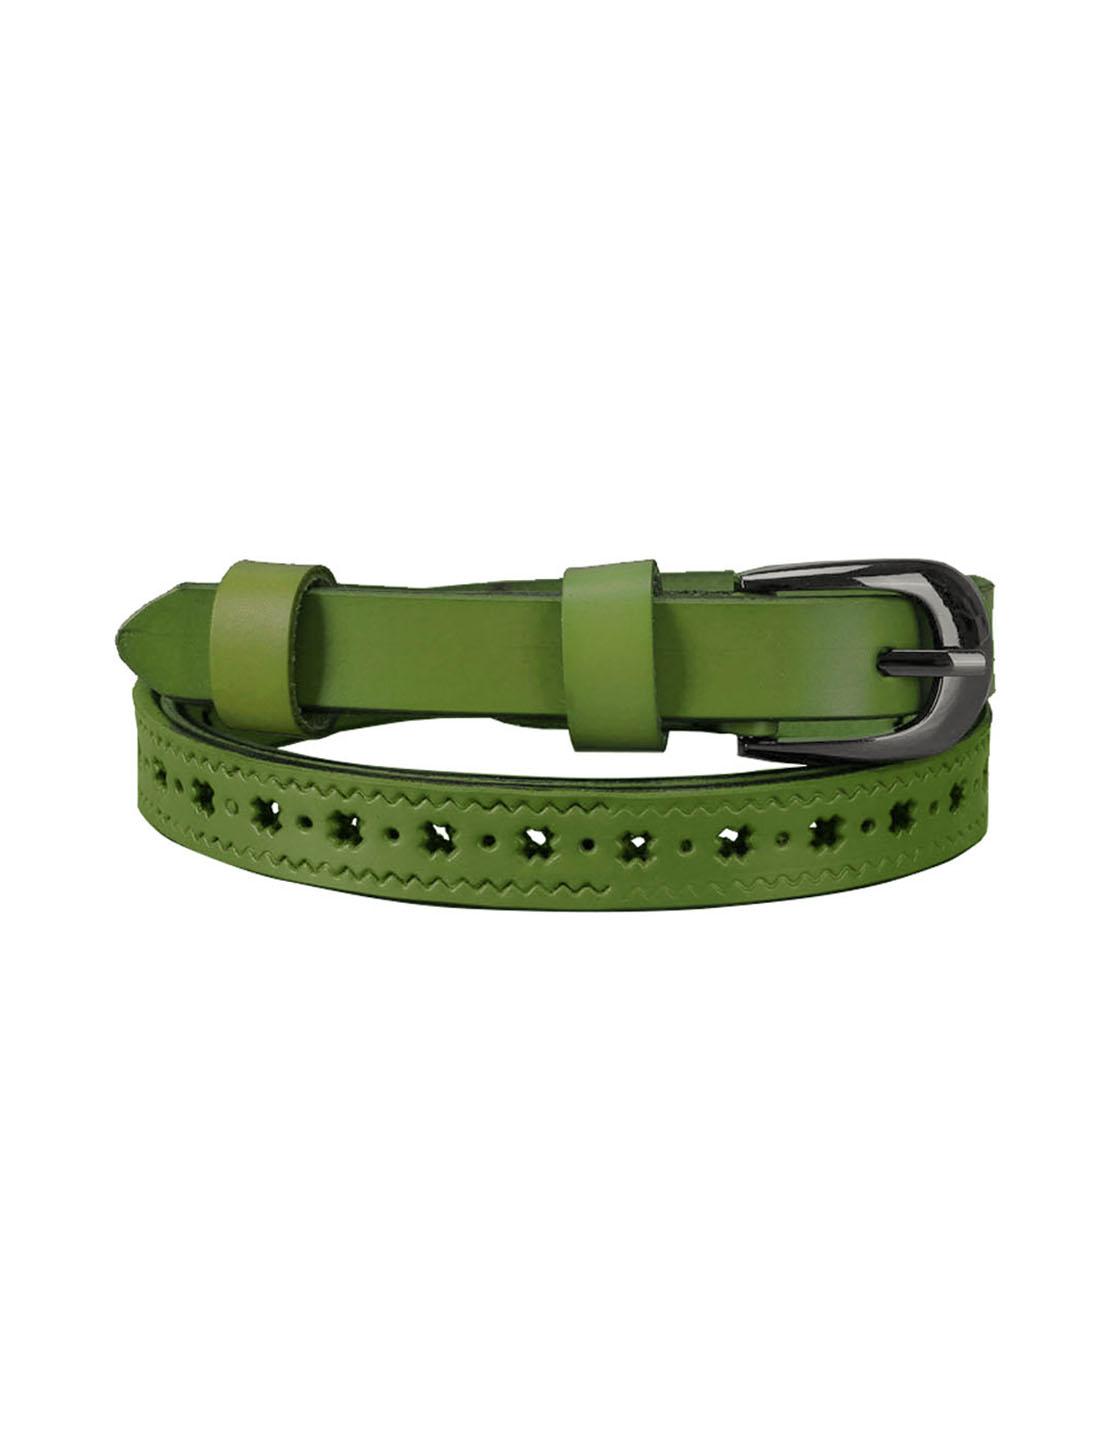 Women Stars Hollow Alloy Pin Buckle Faux Leather Belt Dusty Green